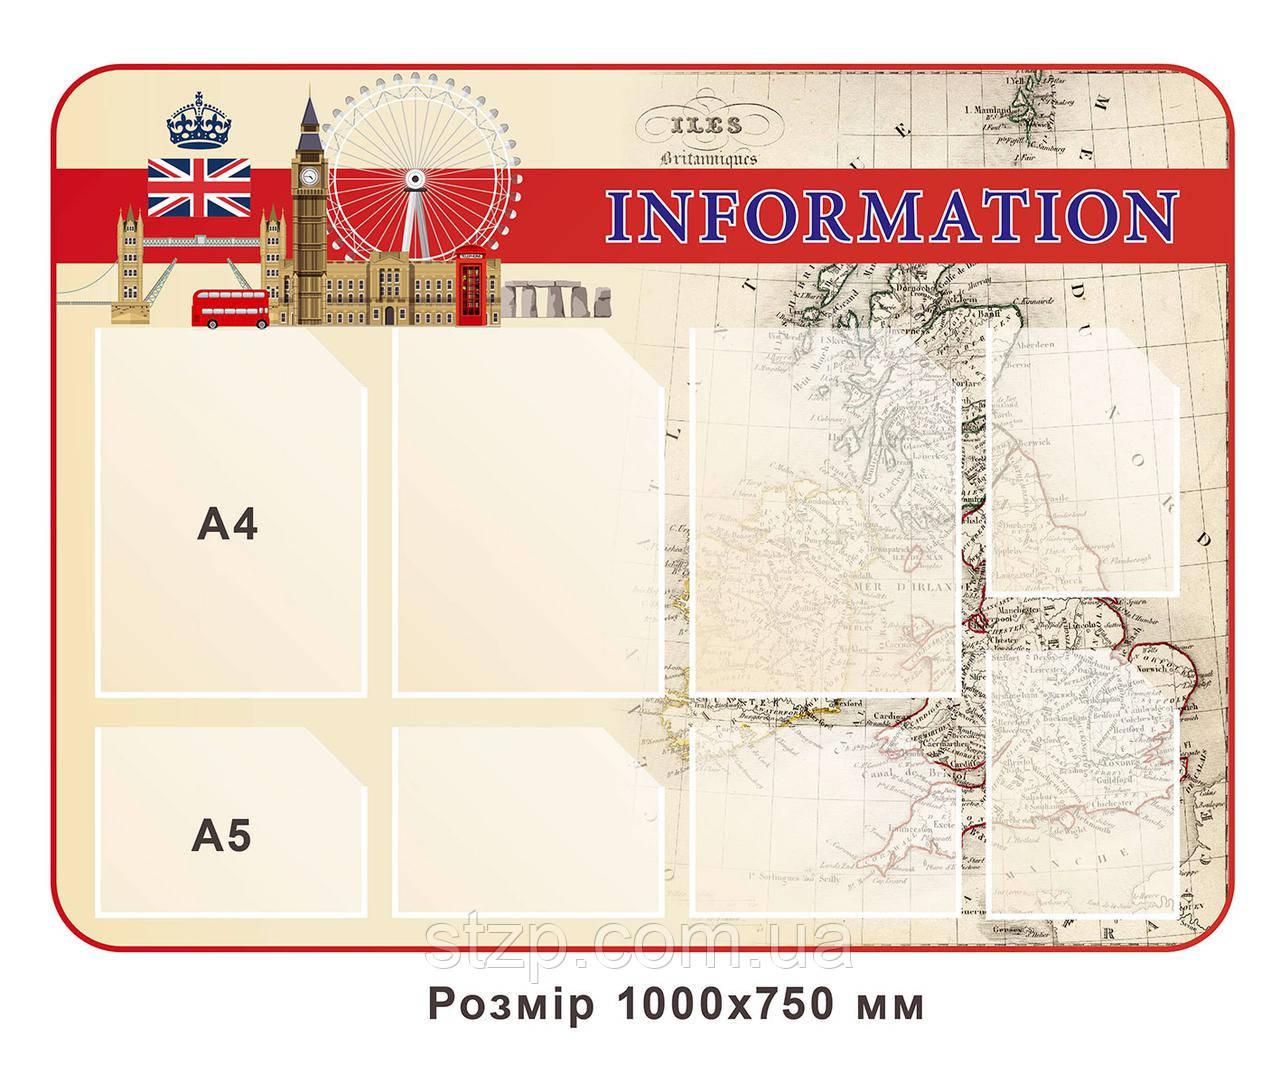 Информационный стенд для кабинета английского языка (бежевый фон)